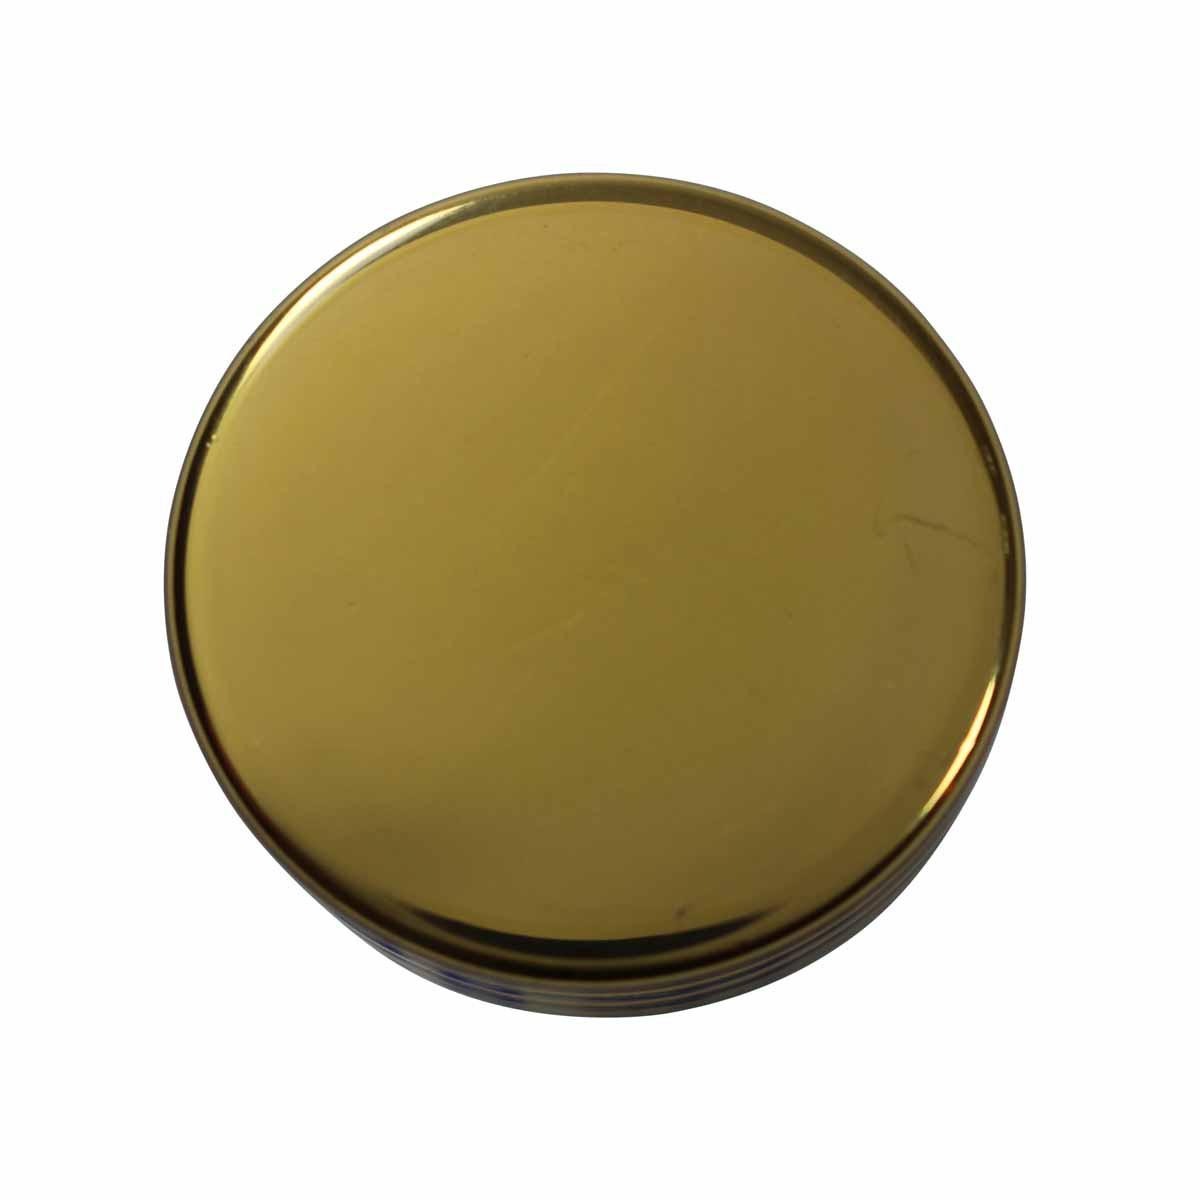 Cabinet Knobs Bright Solid Brass Drum Knob 1 Cabinet Hardware Cabinet Knobs Cabinet Knob